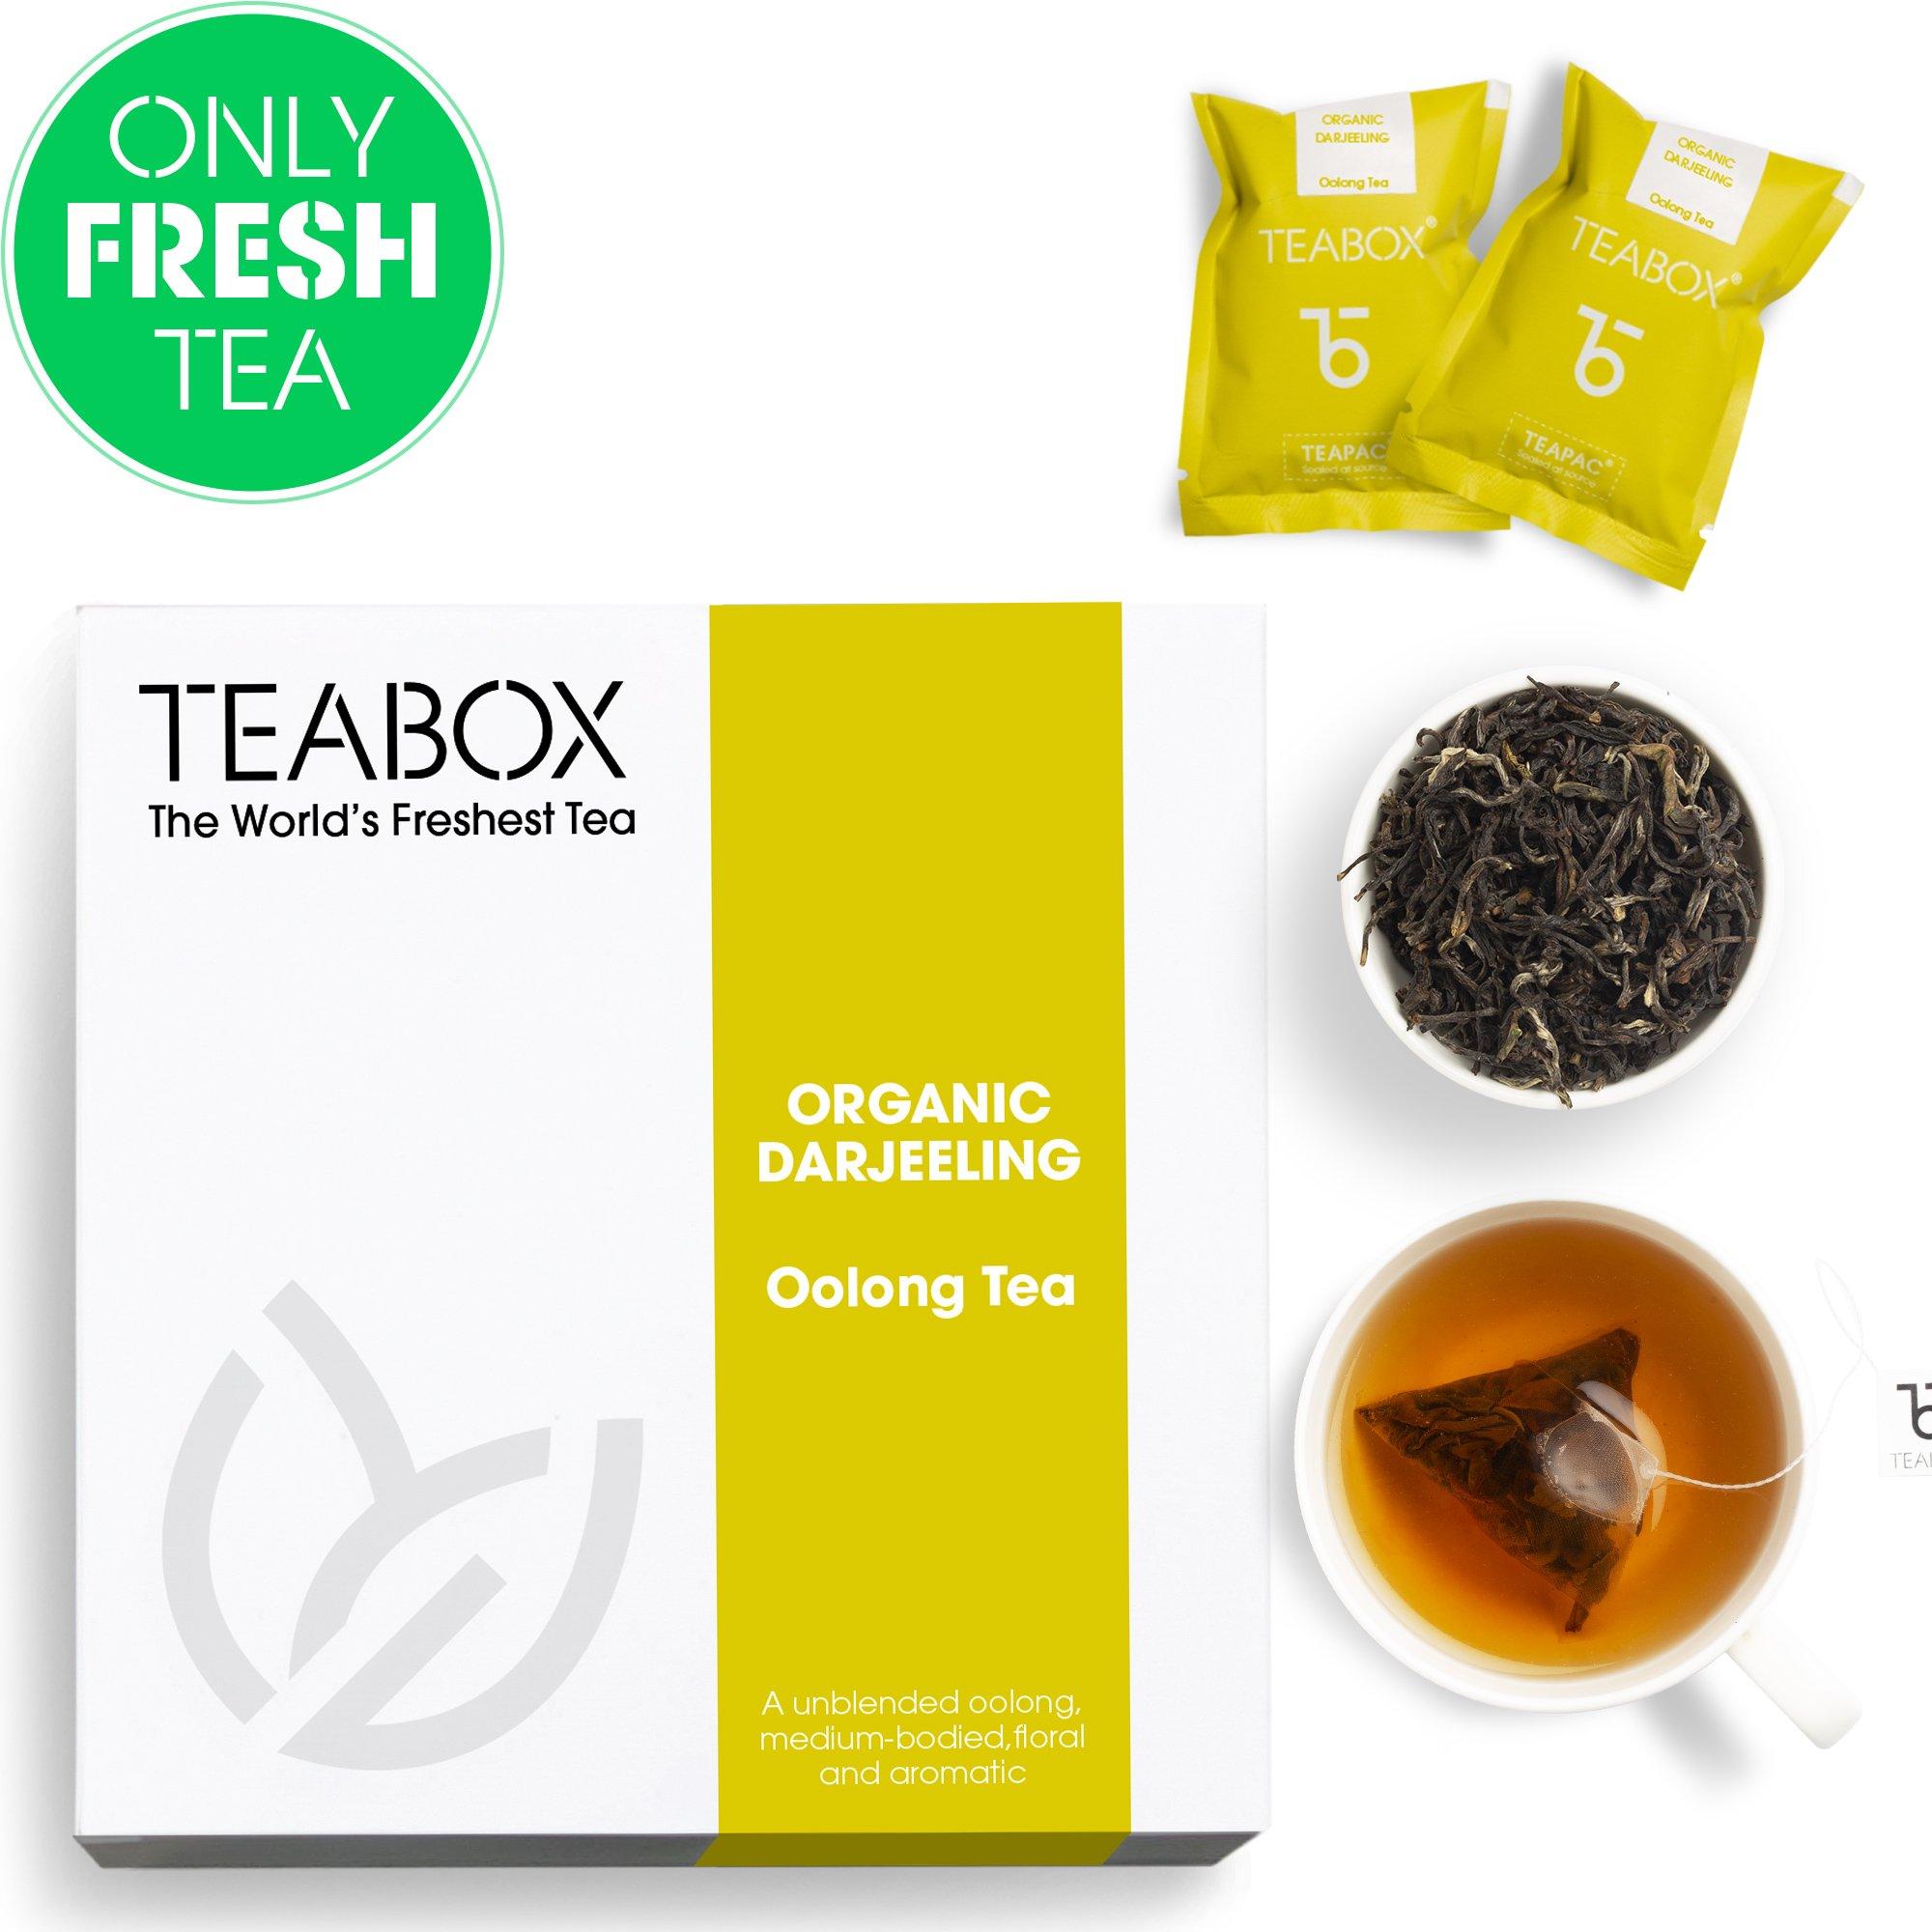 Teabox Organic Darjeeling Oolong Tea | WEIGHTLOSS, SLIMMIMG TEA | Box of 16 Tea Bags